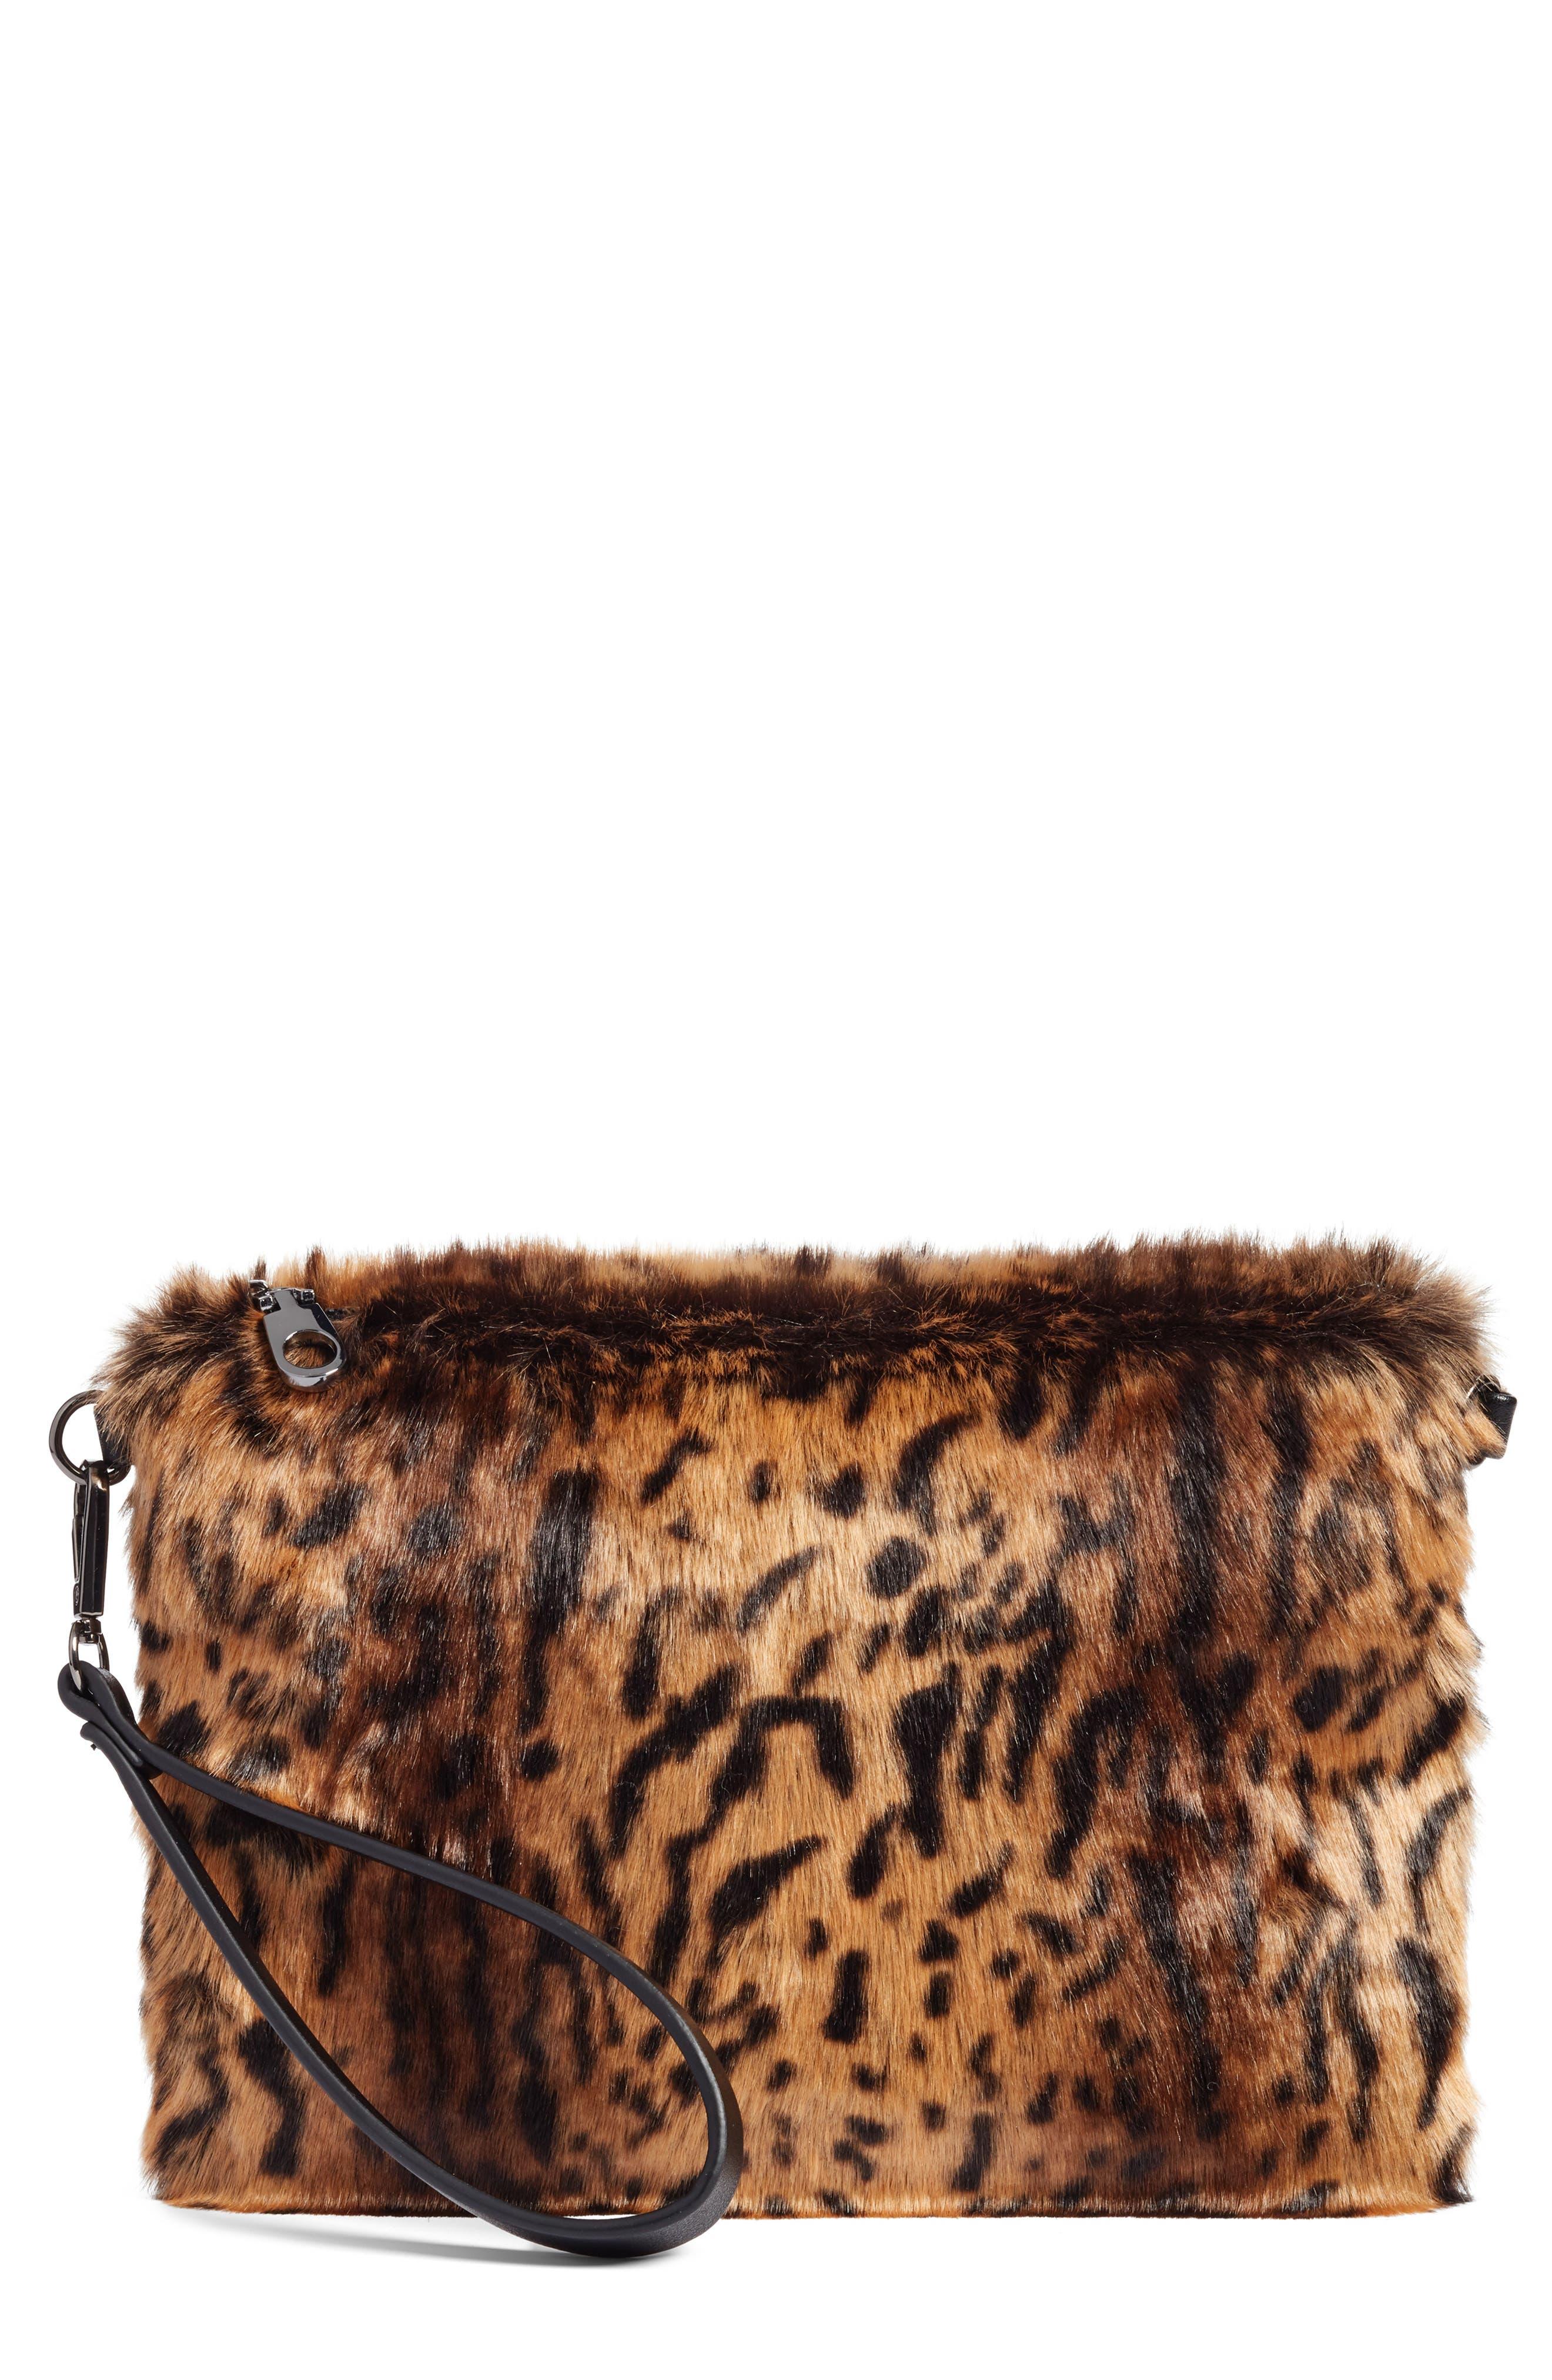 Chelsea28 Leopard Print Faux Fur Wristlet Clutch